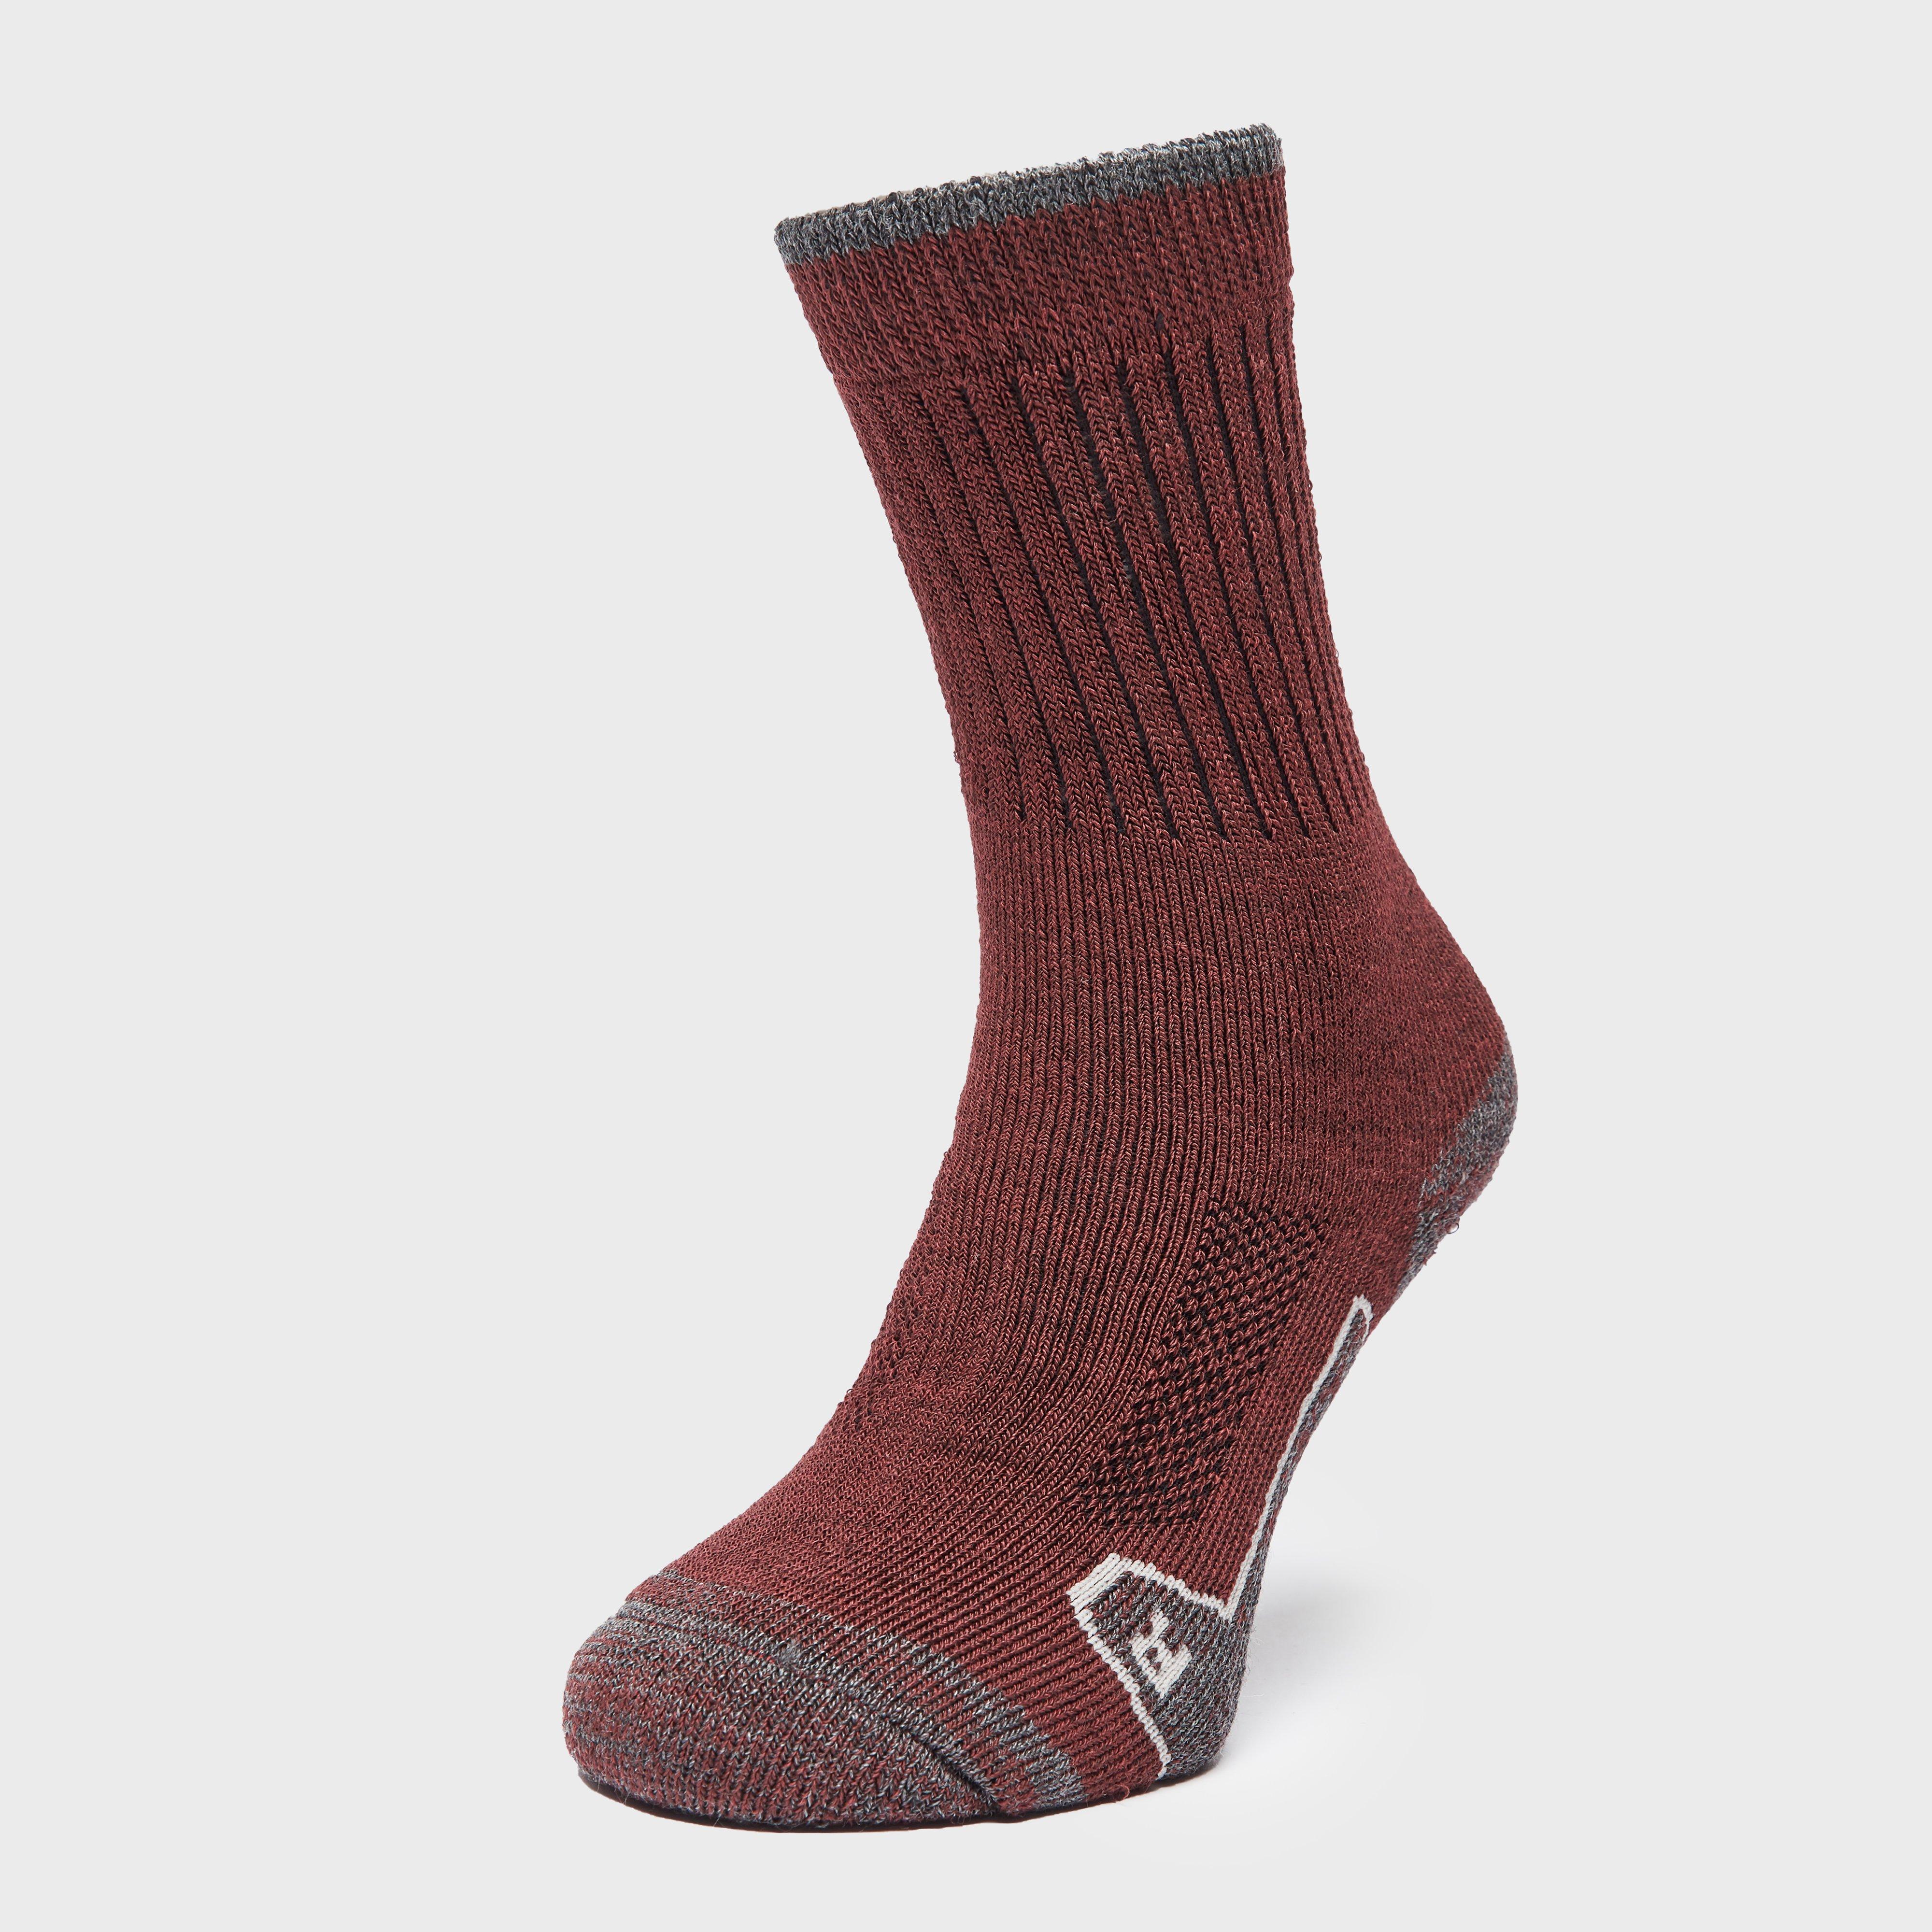 Brasher Womens Walker Socks - Red/wine/gry  Red/wine/gry